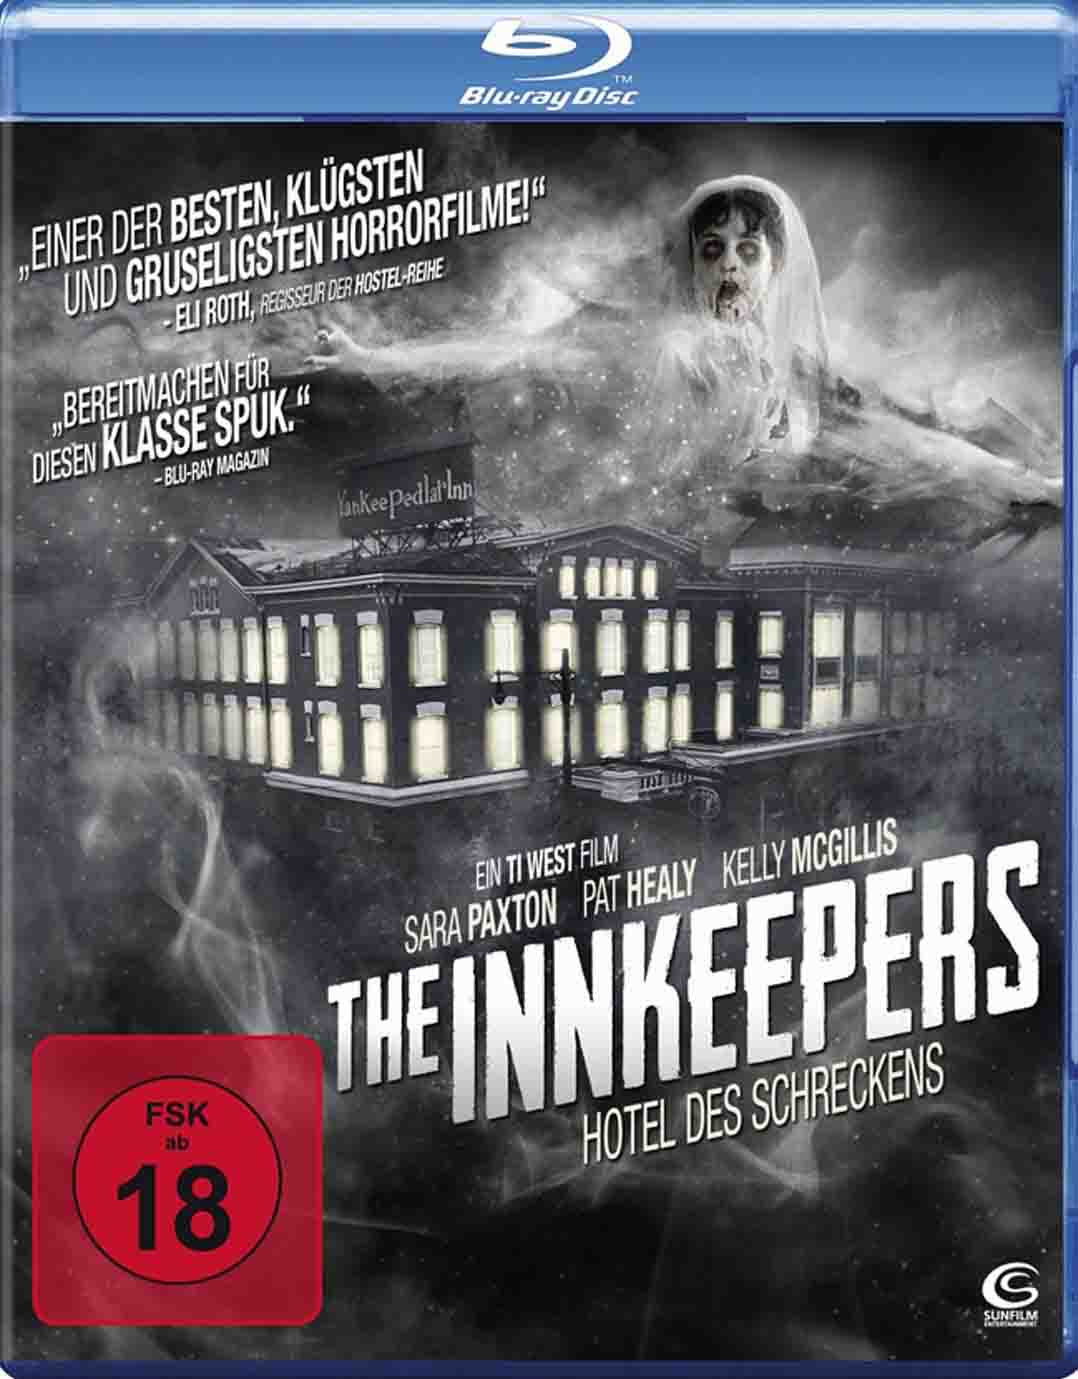 The Innkeepers – Hotel des Schreckens